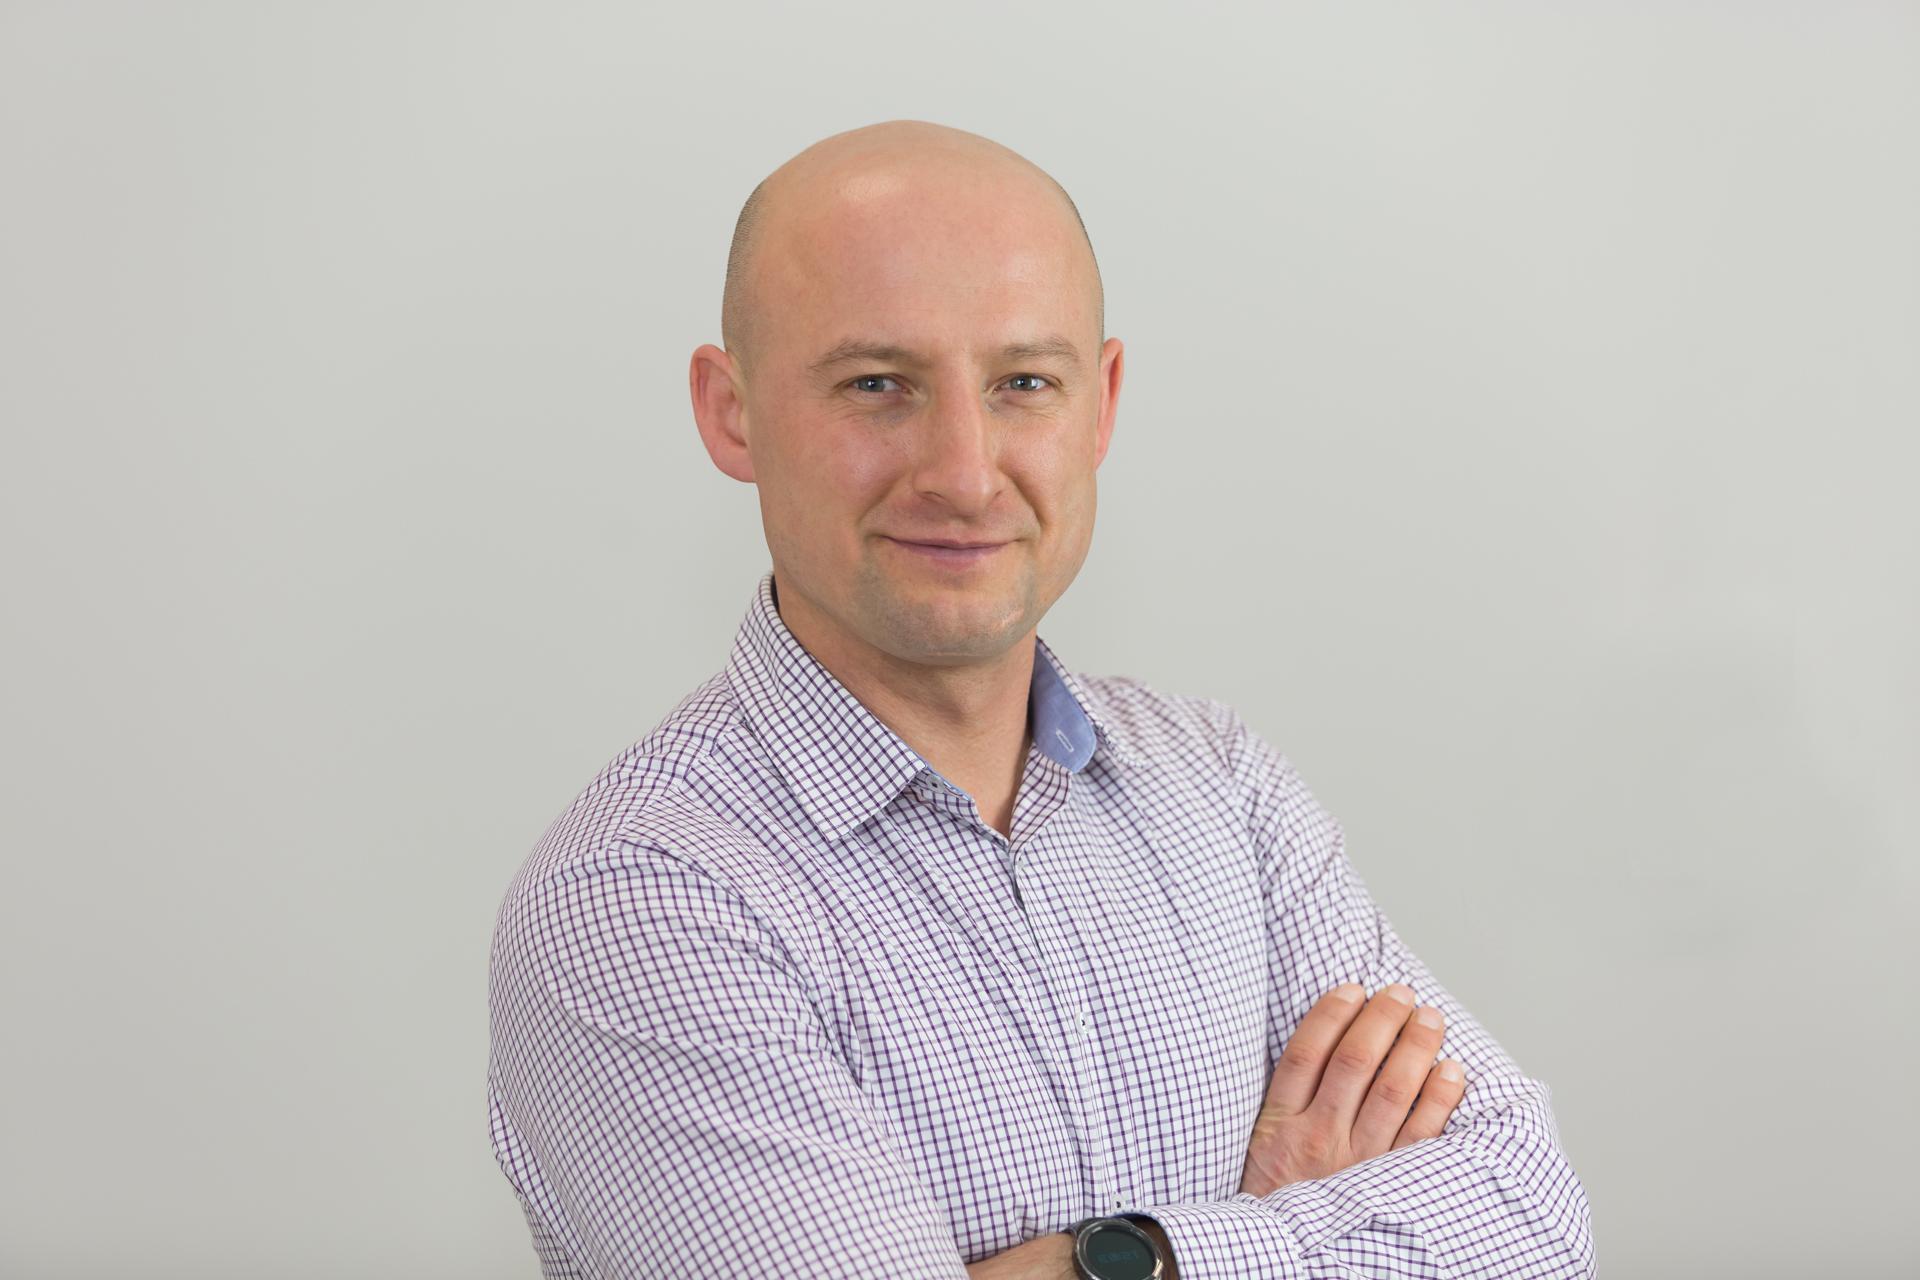 Bartosz Kliński